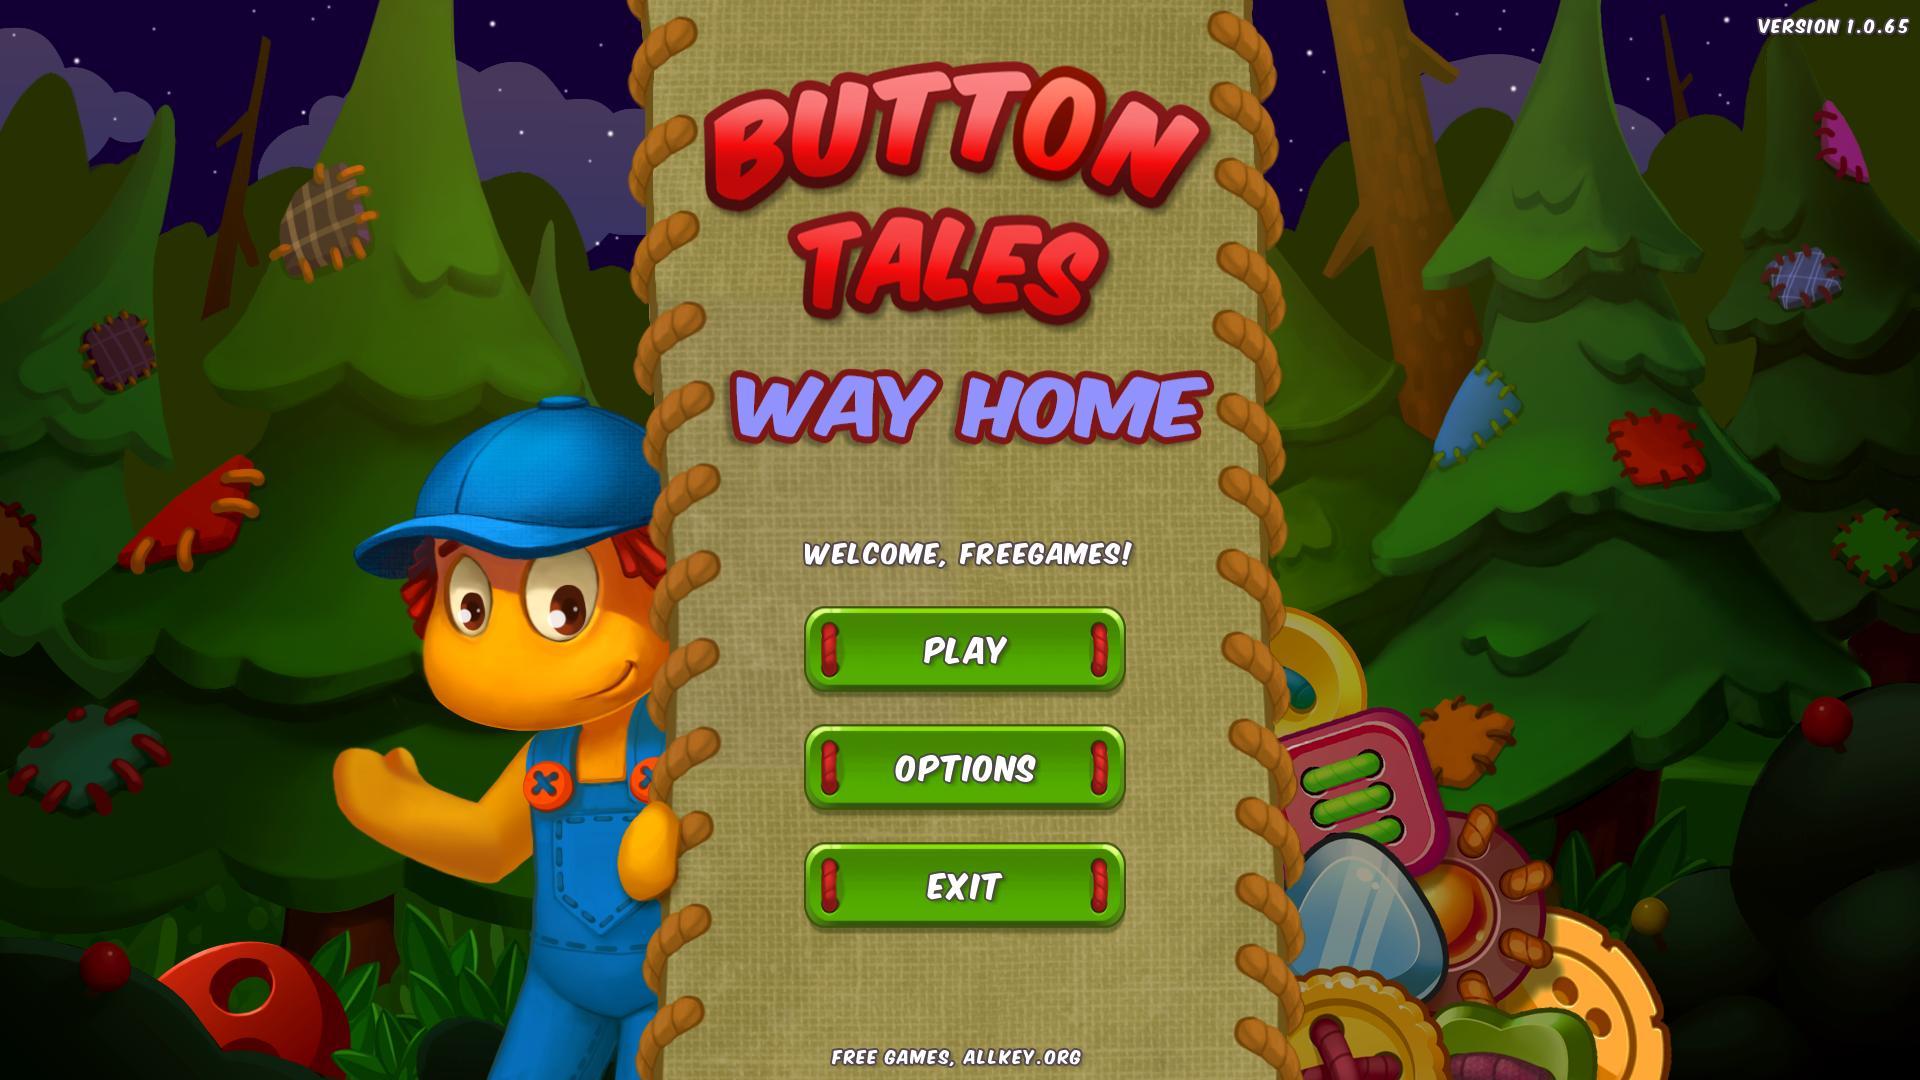 Пуговки 2: Путь домой | Button Tales 2: Way Home (En)